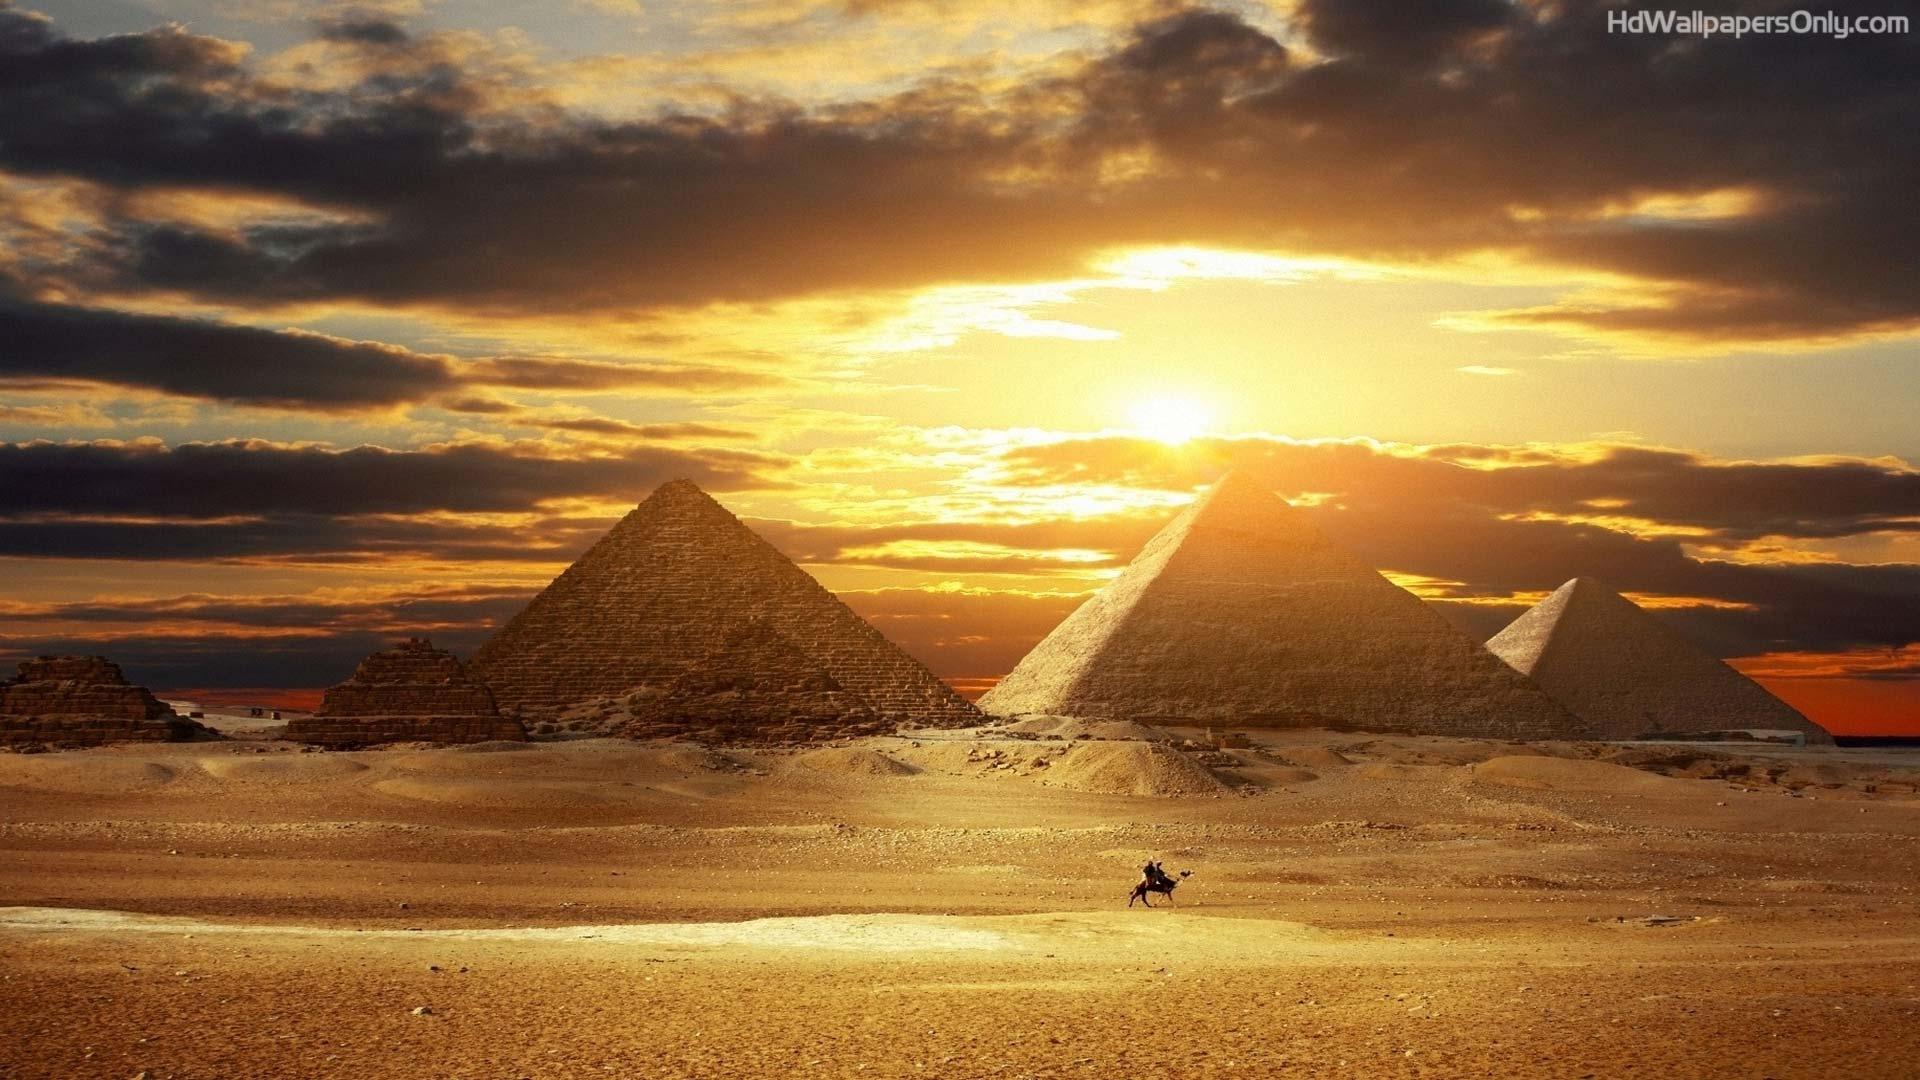 egypt desktop wallpaper